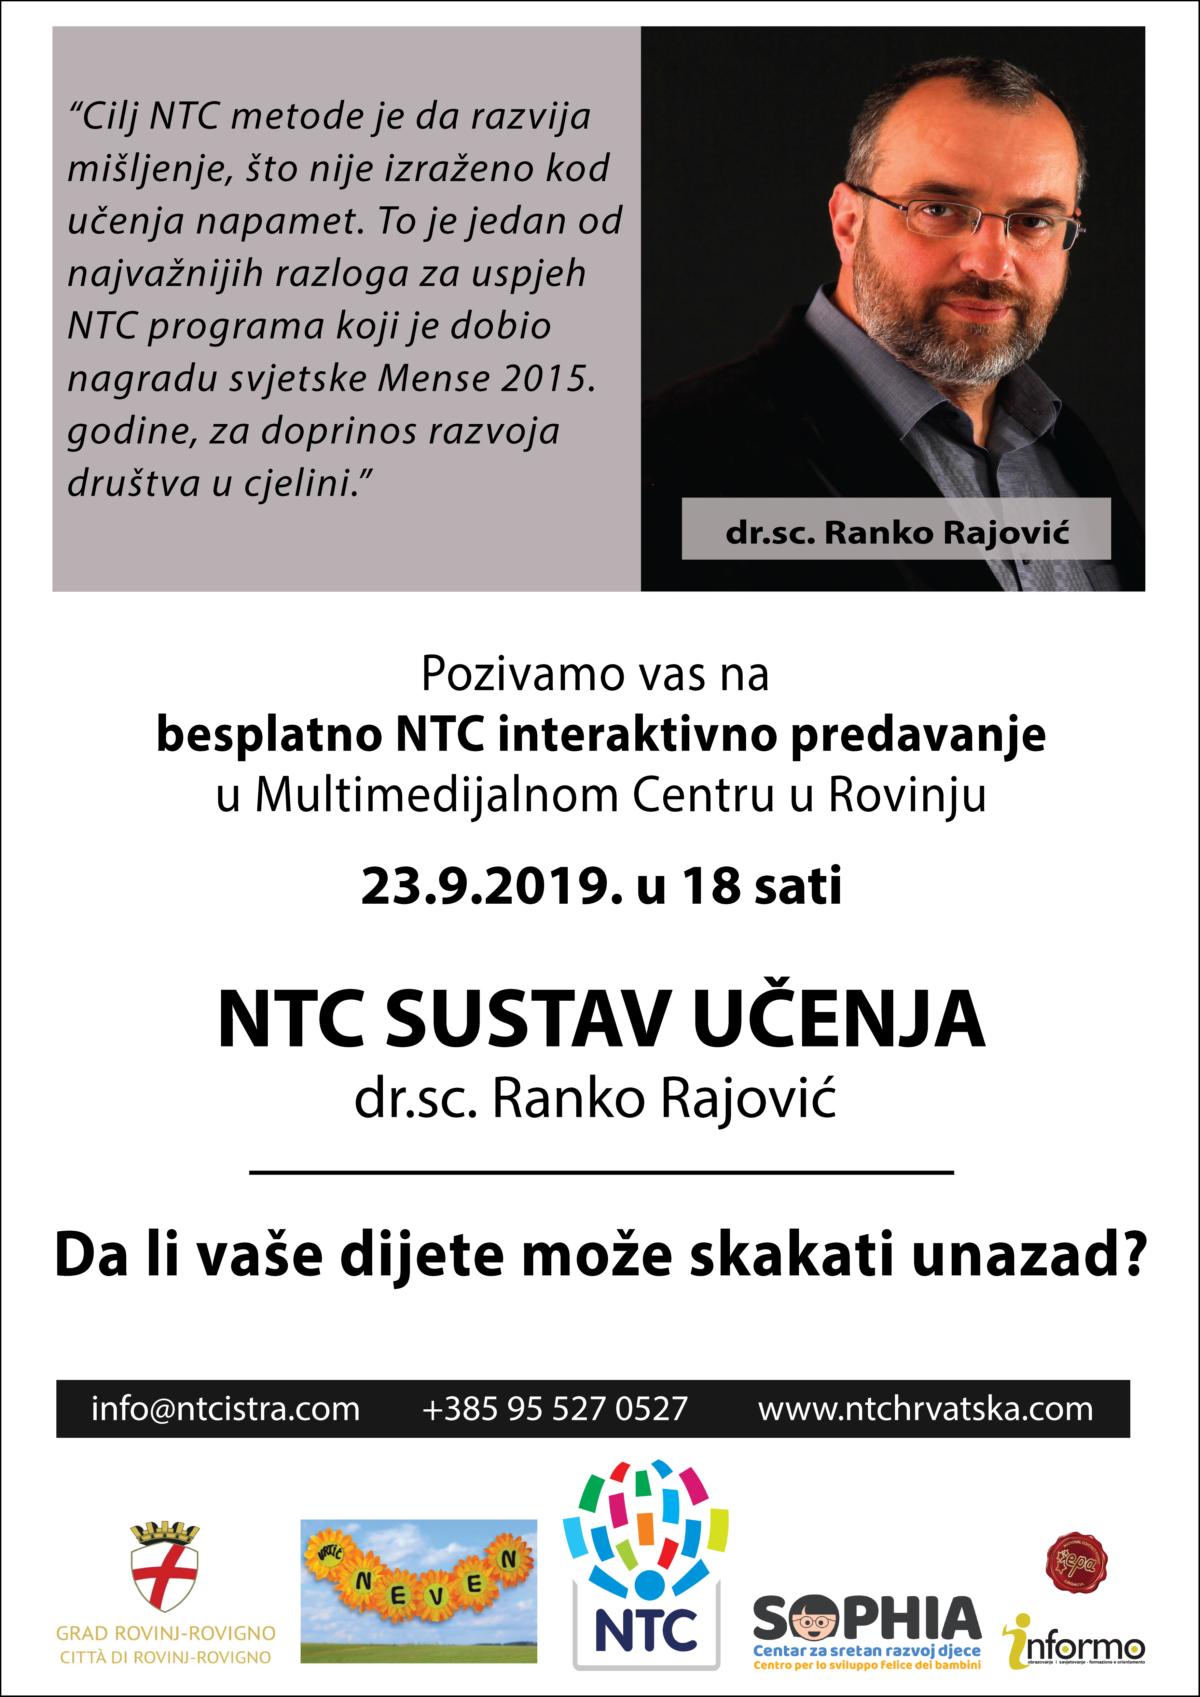 Invito – conferenza interattiva gratuita NTC - glavna fotografija